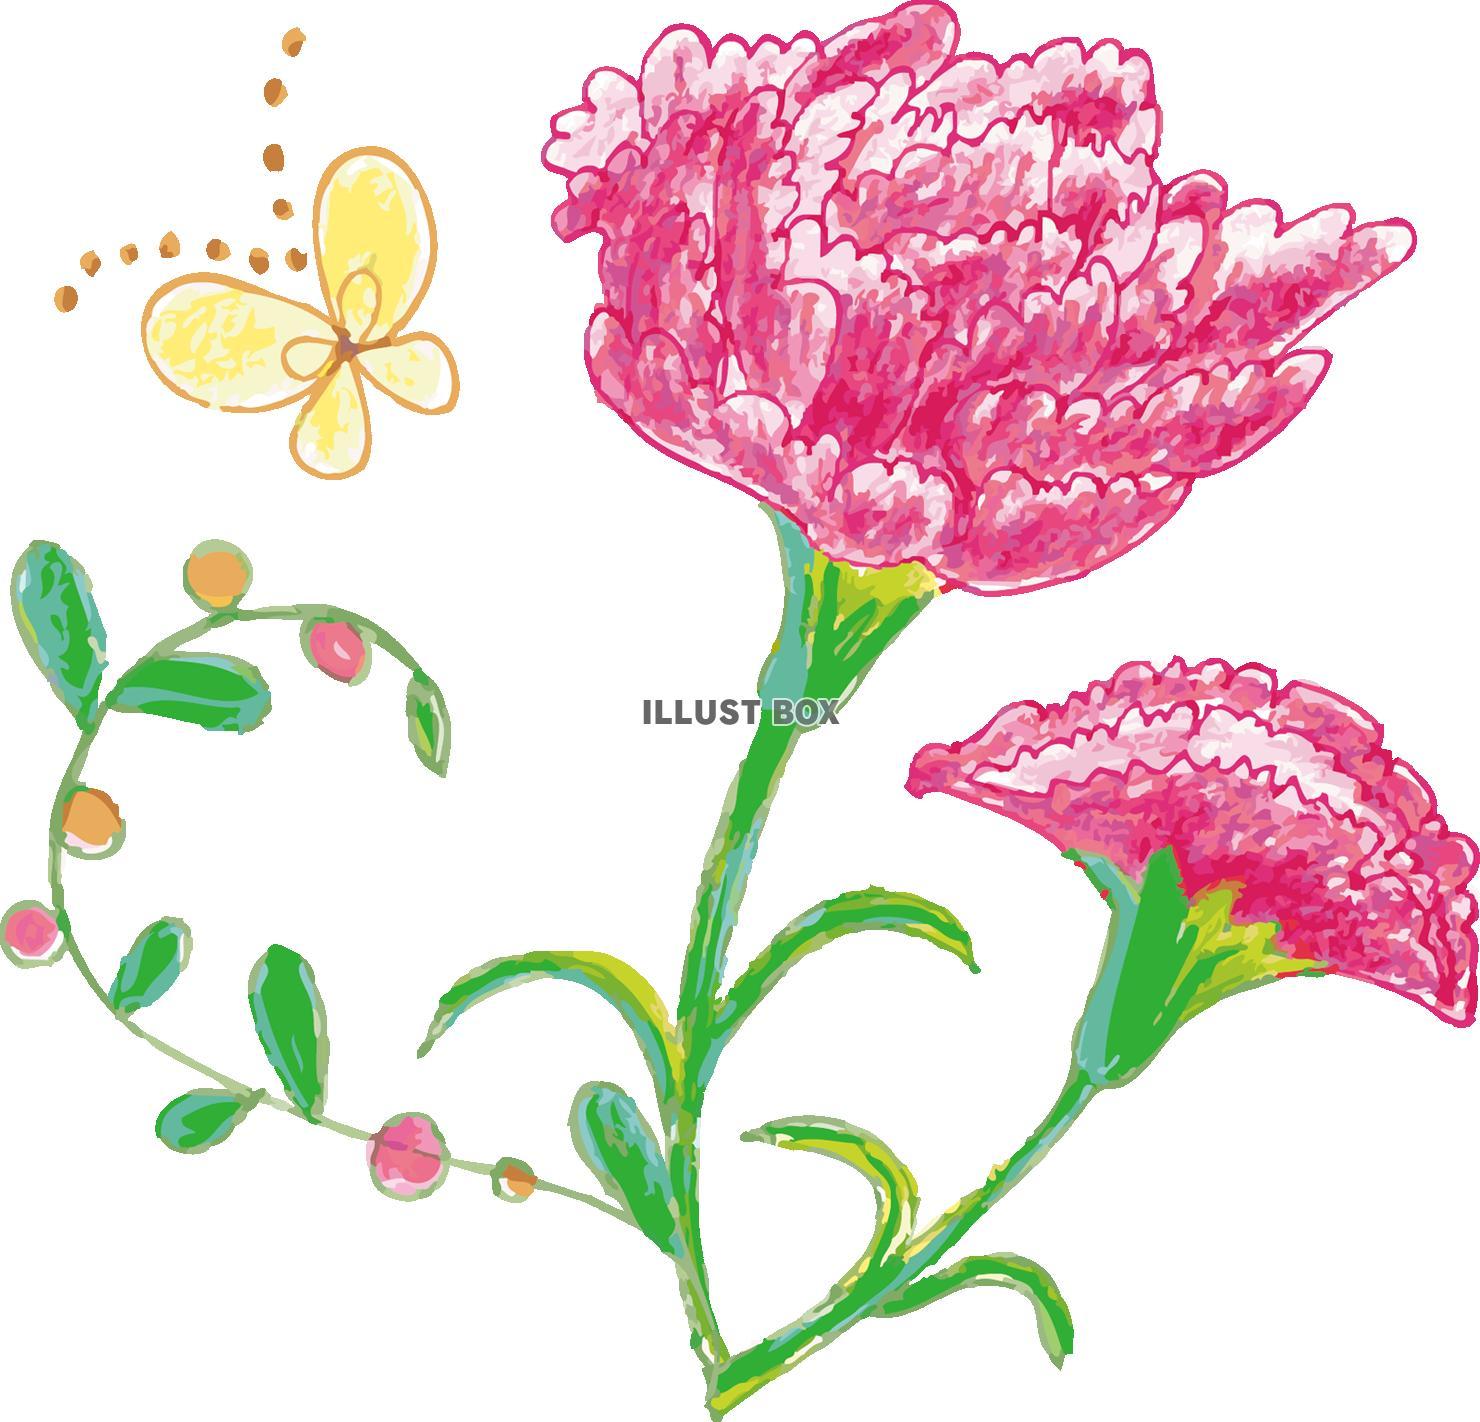 無料イラスト 春季節感花植物手書き手描きてがきカーネーション母の日五